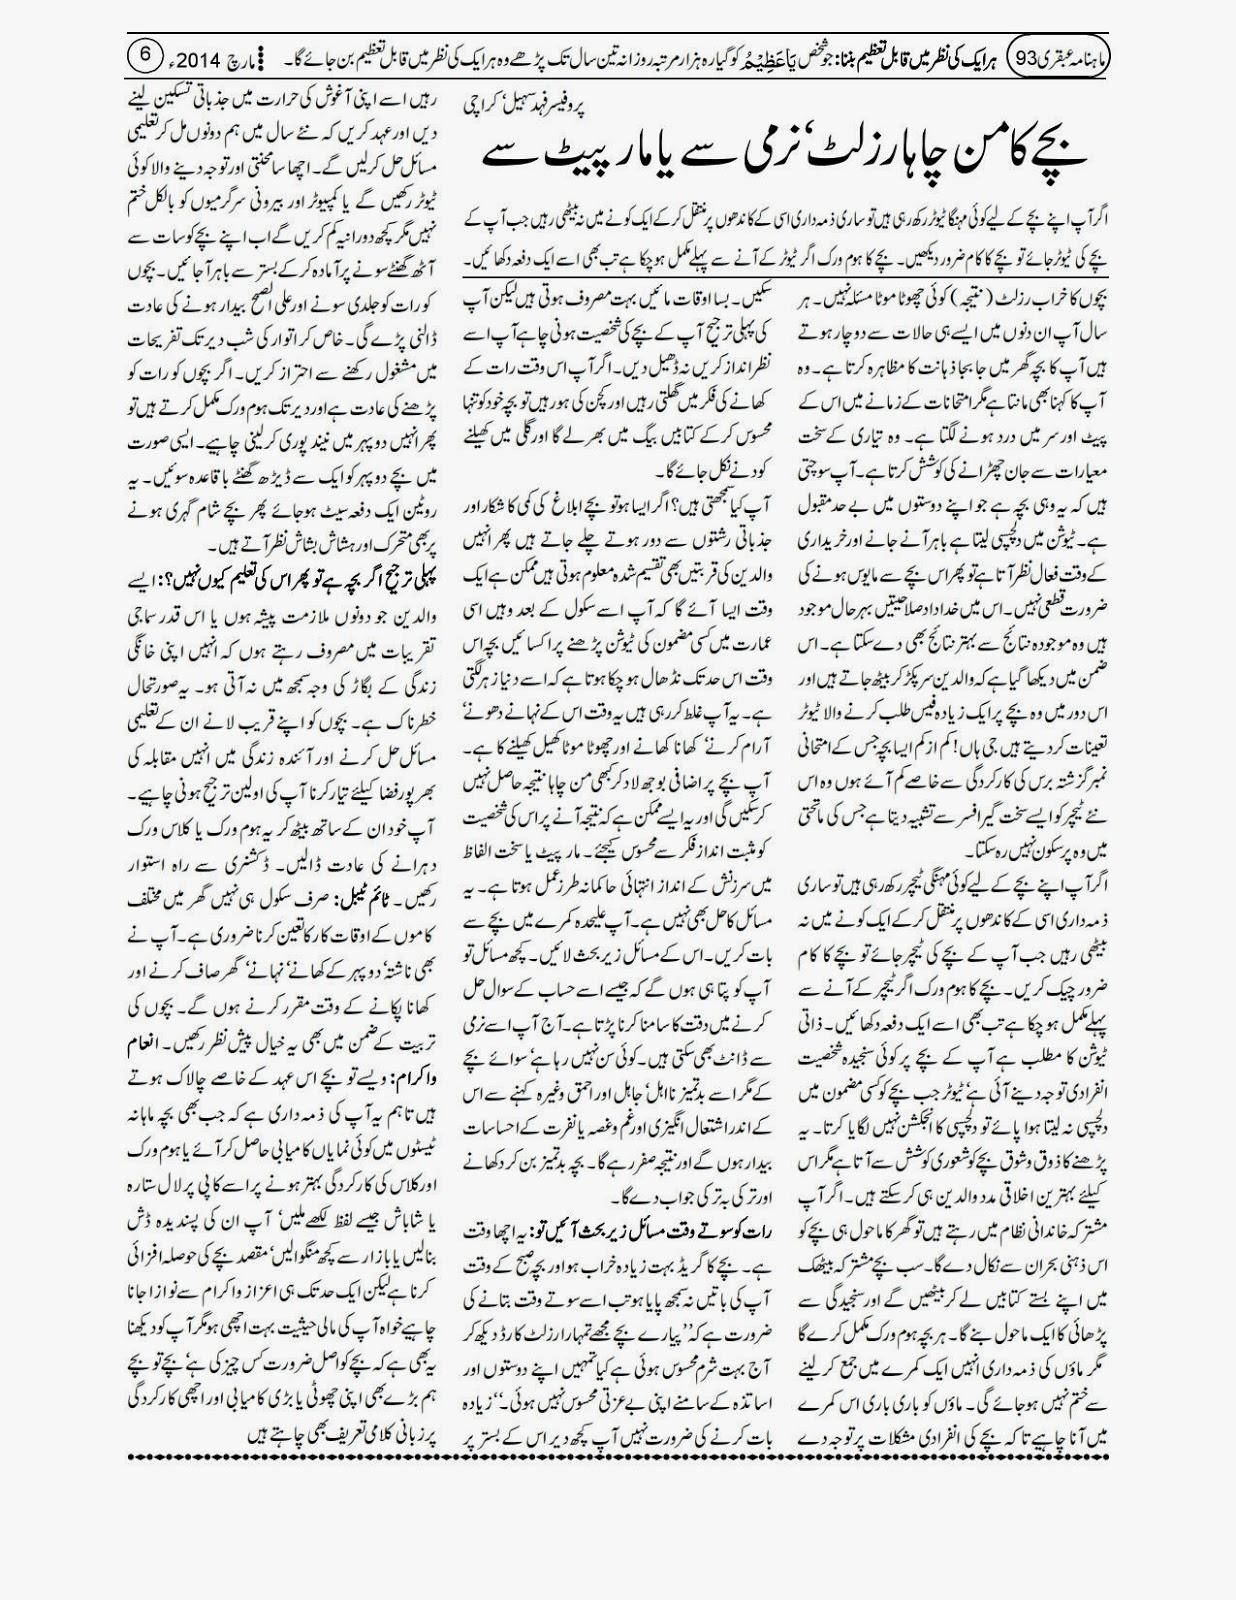 professor fahad sohail karachi